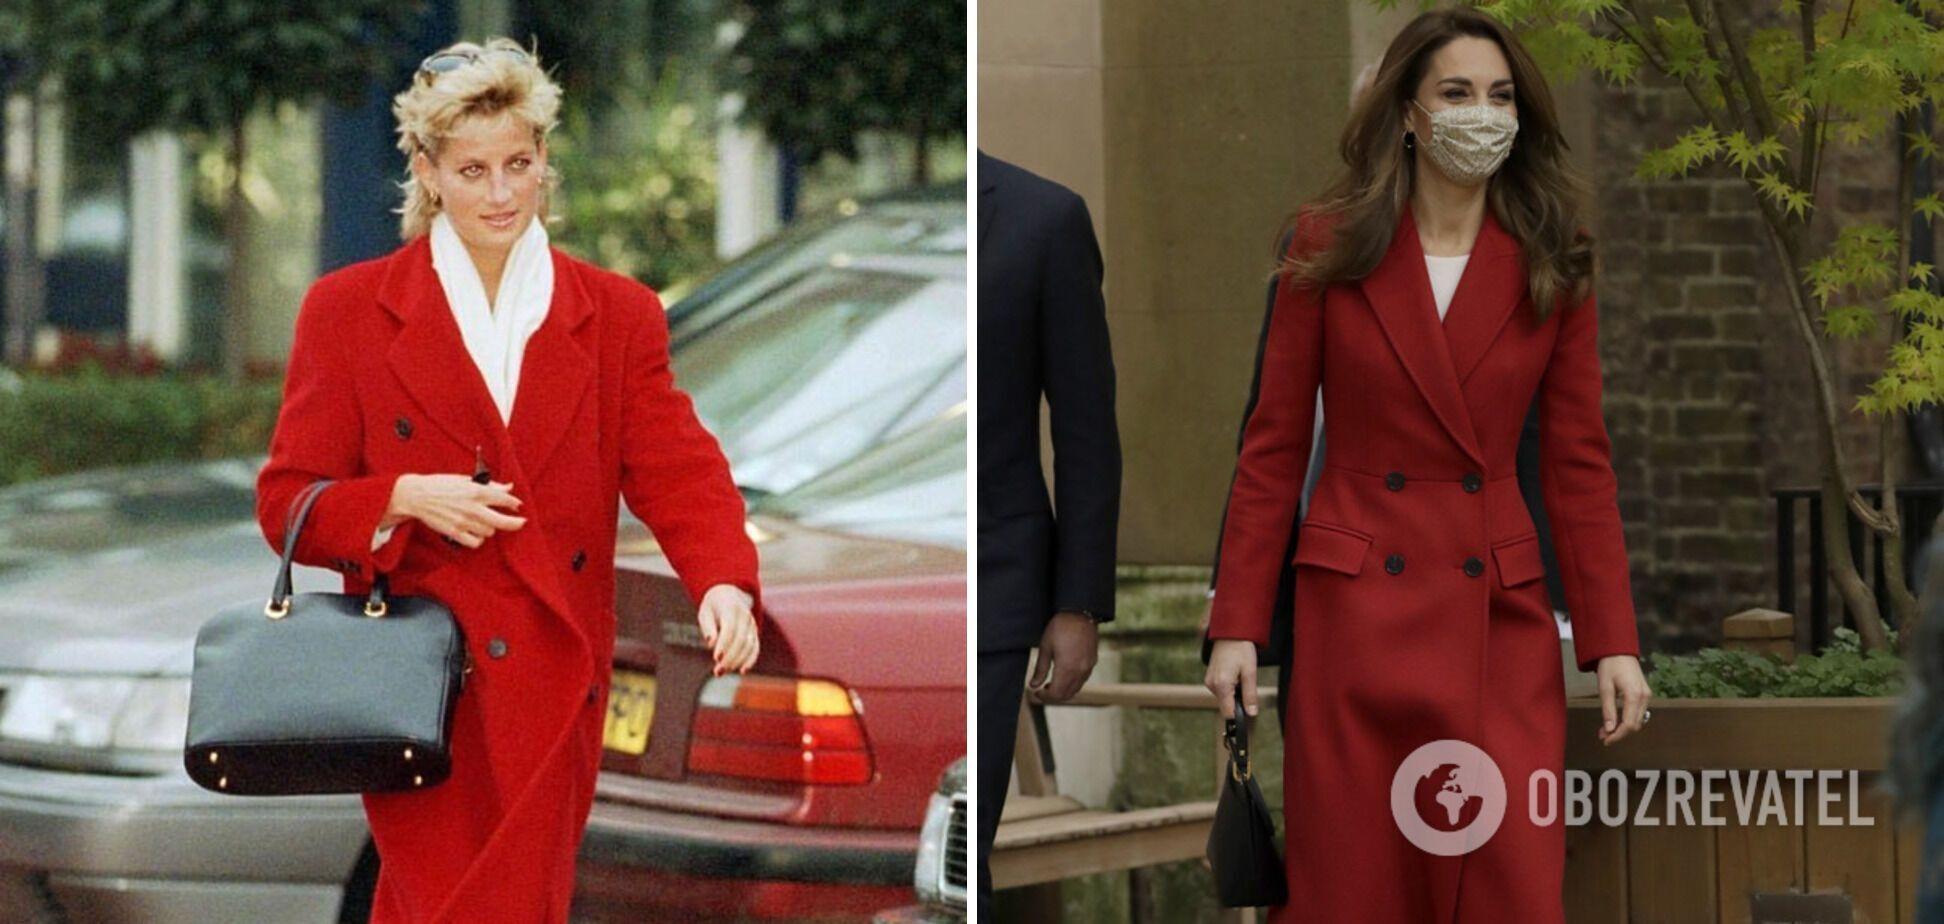 Принцеса Діана і Кейт Міддлтон в червоних пальто і білих блузах